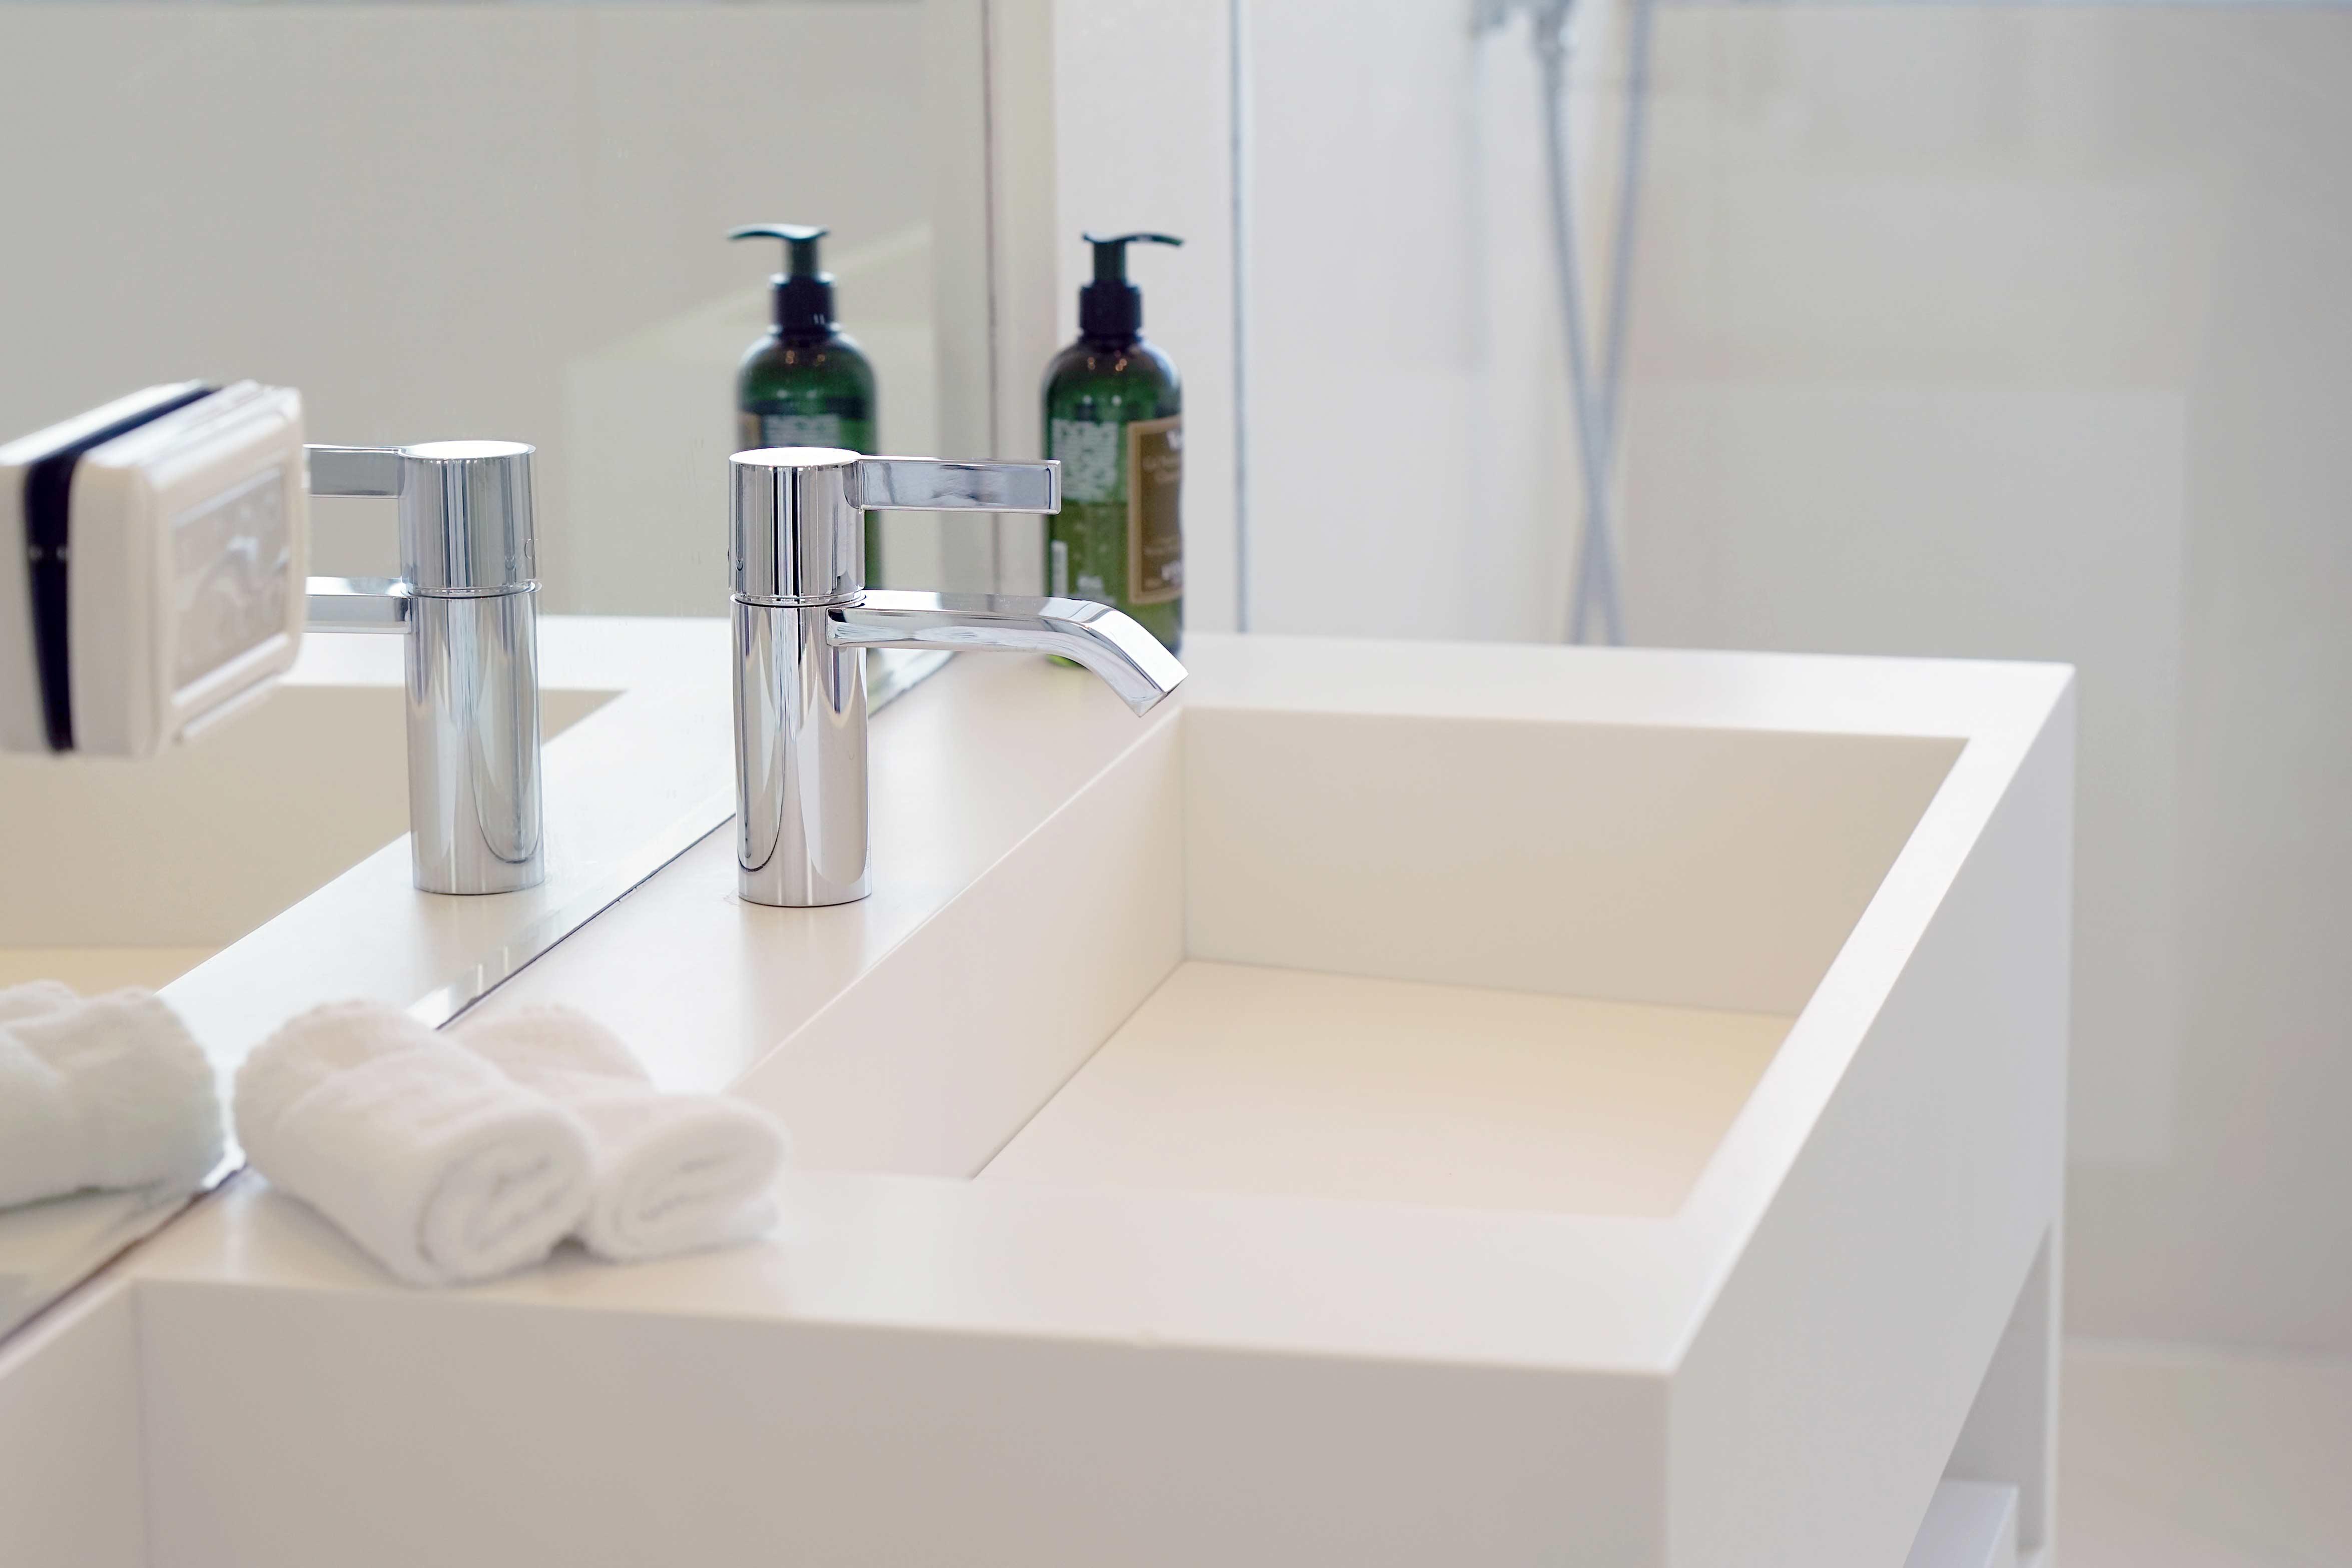 Kylpyhuoneen käsienpesuallas peilin edessä